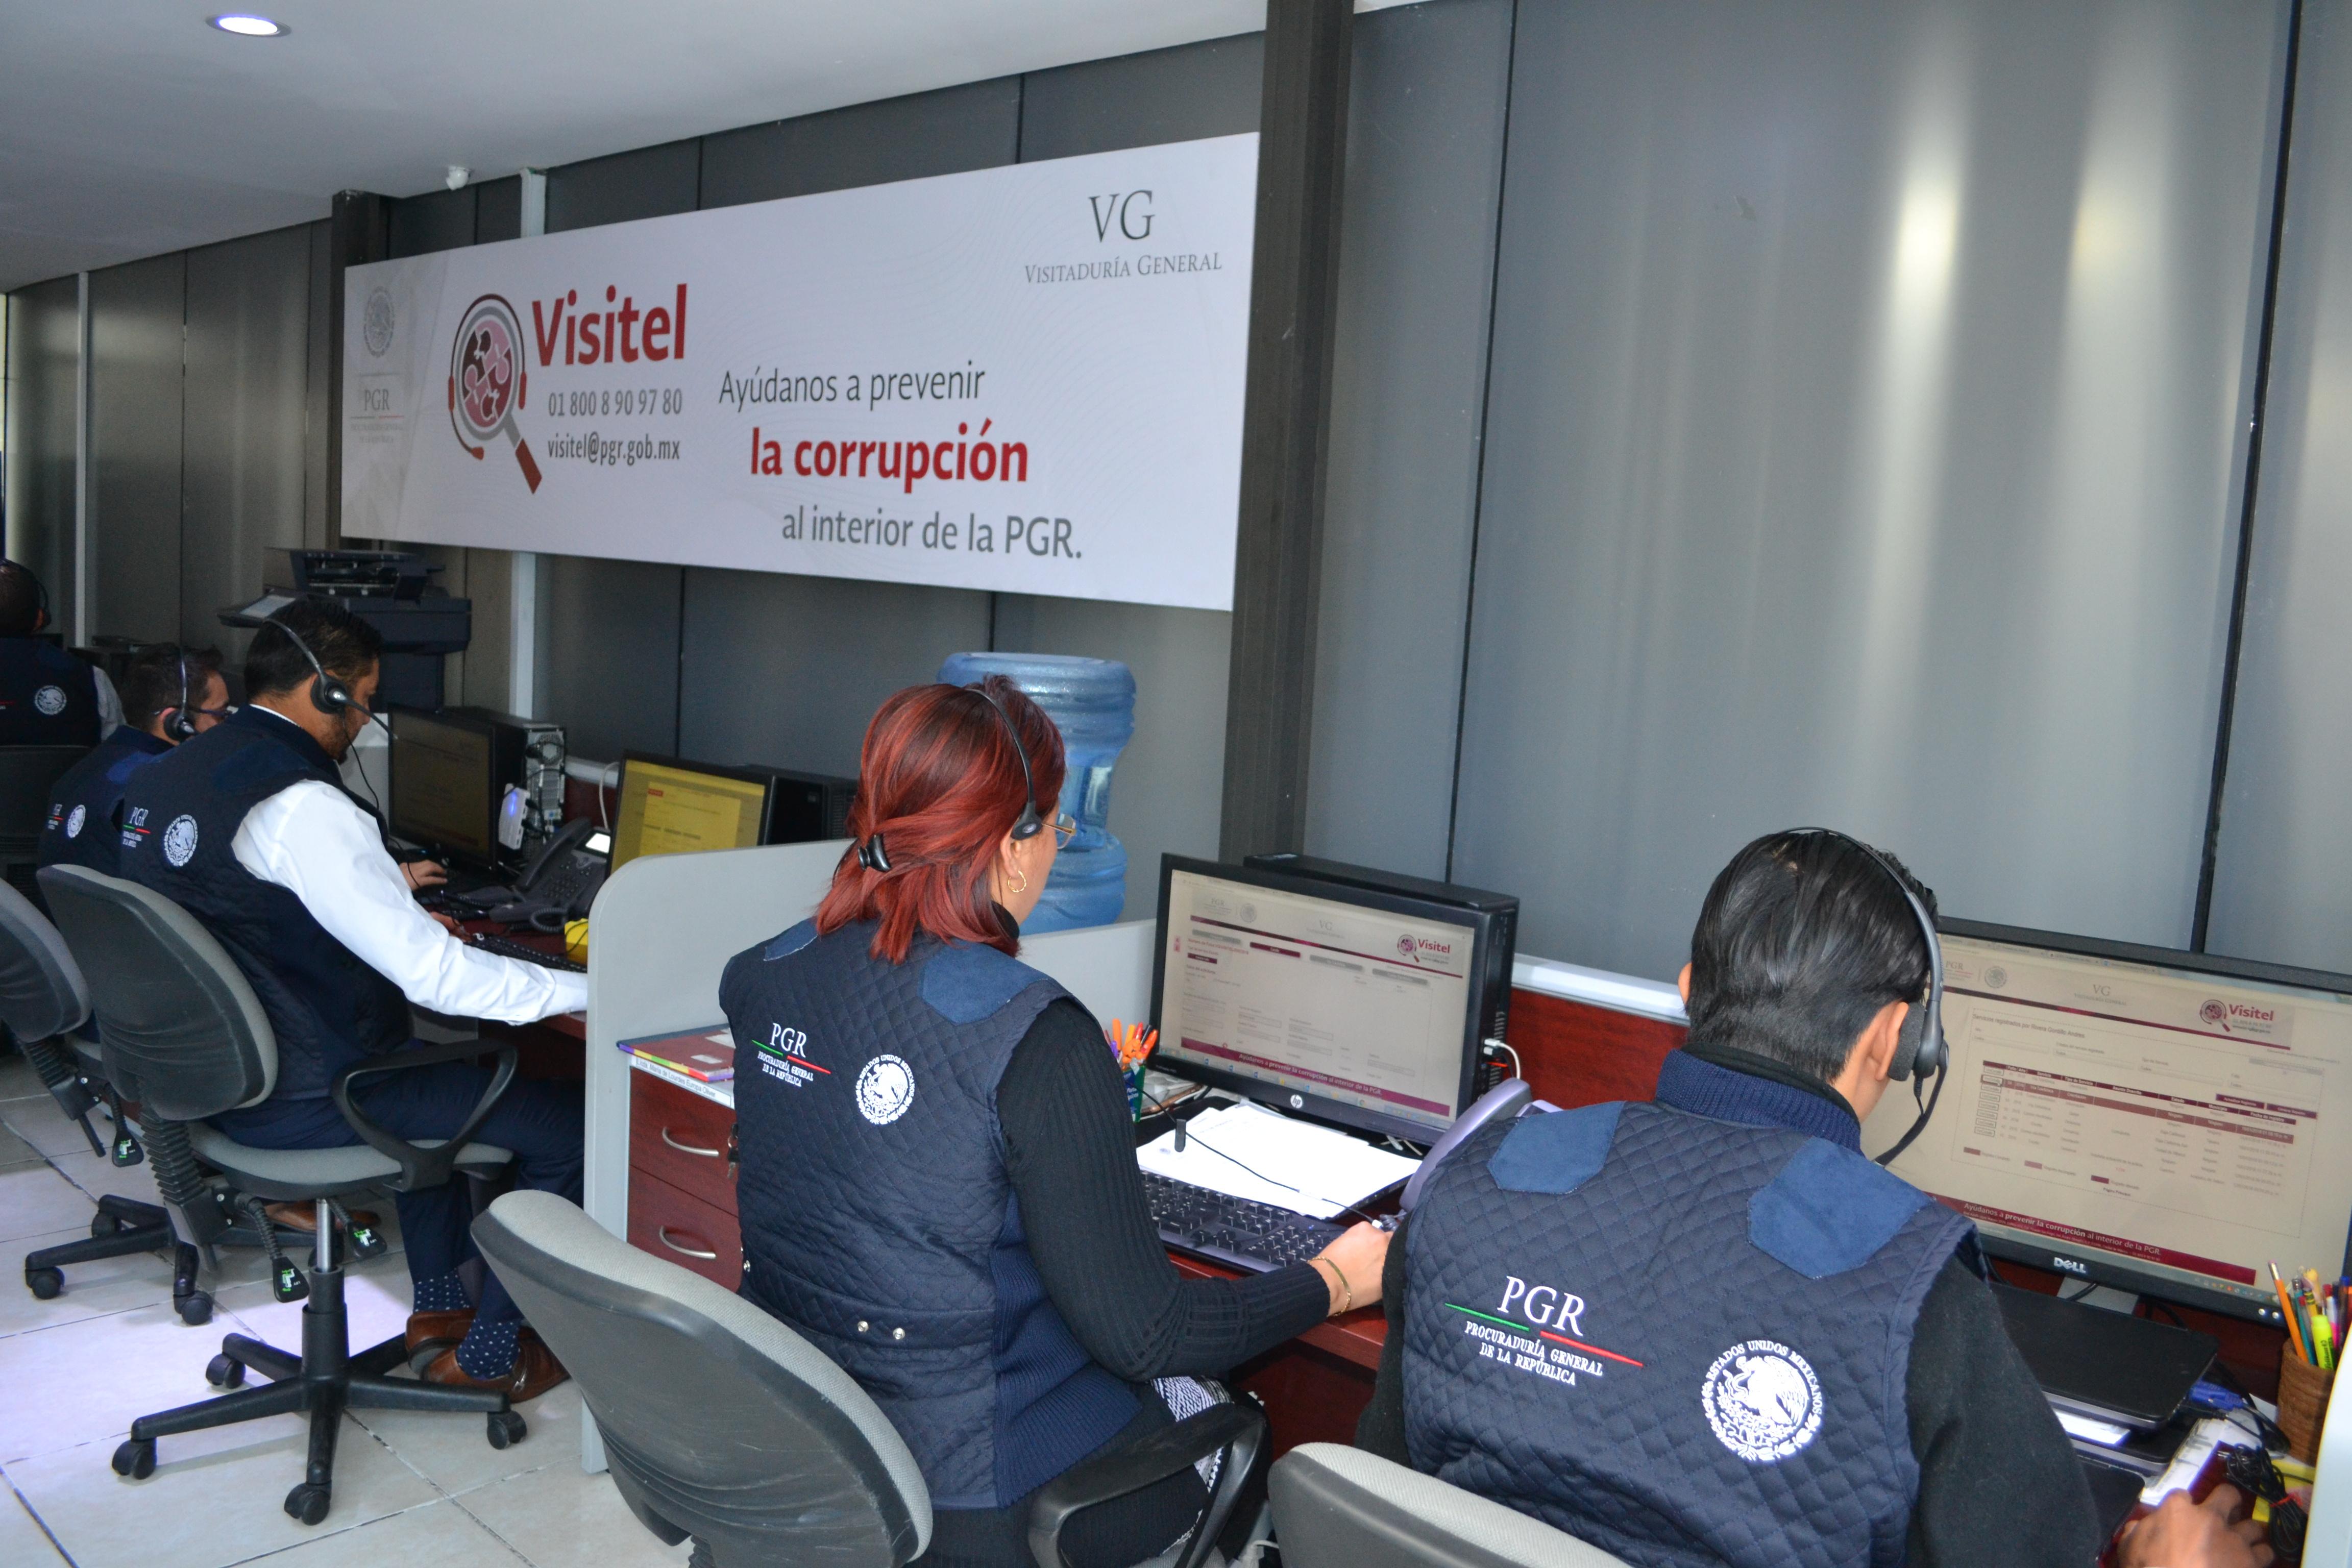 operadores de VISITEL en sus puestos de trabajo